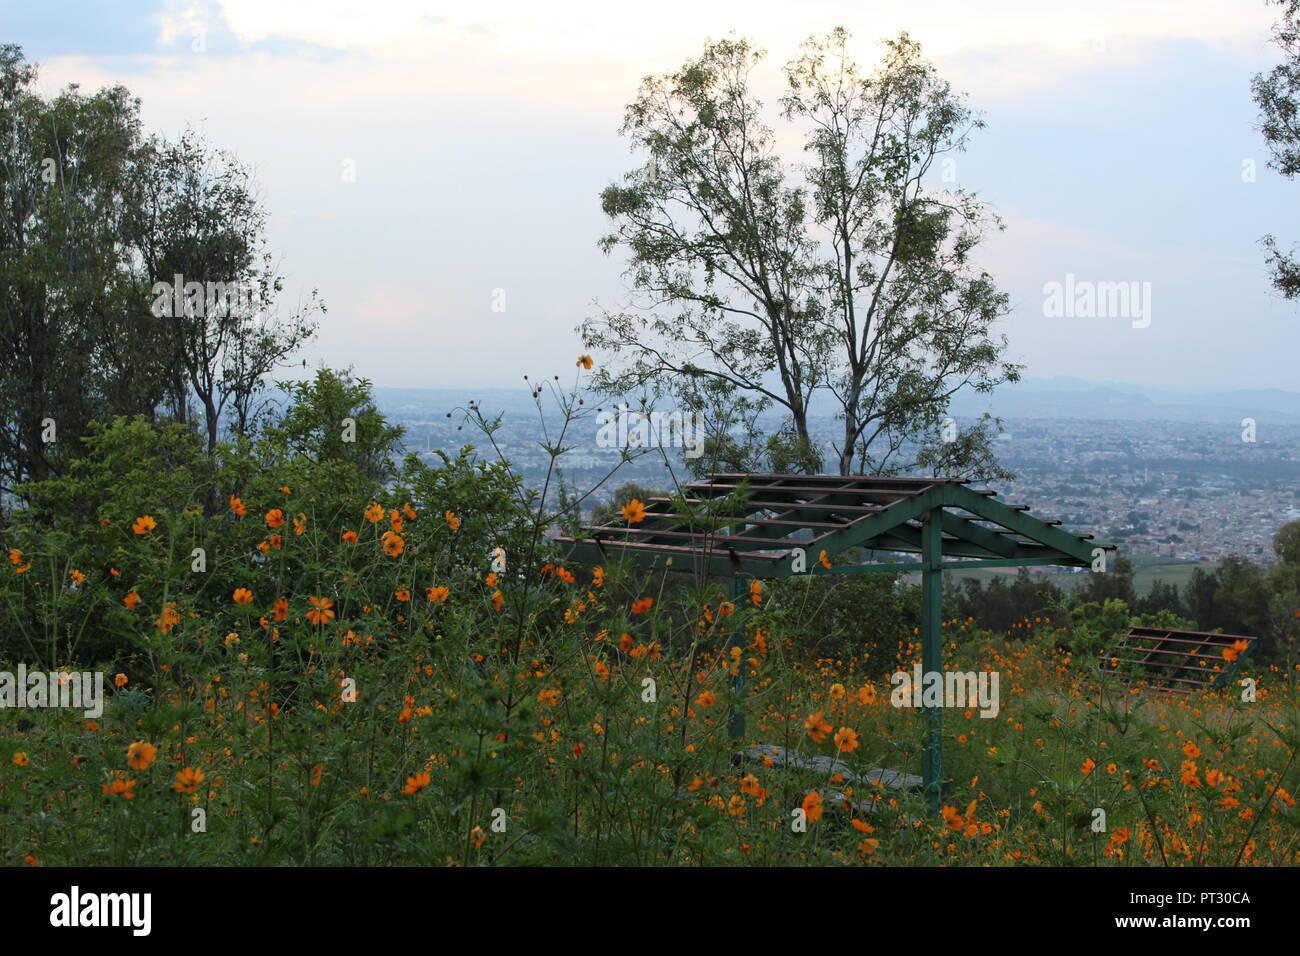 Foto tomada en el cerro de la reina en el municipio de Tonalá Jalisco México en donde se aprecia una vista panoramica de la ciudad de Guadalajara Jal Foto de stock